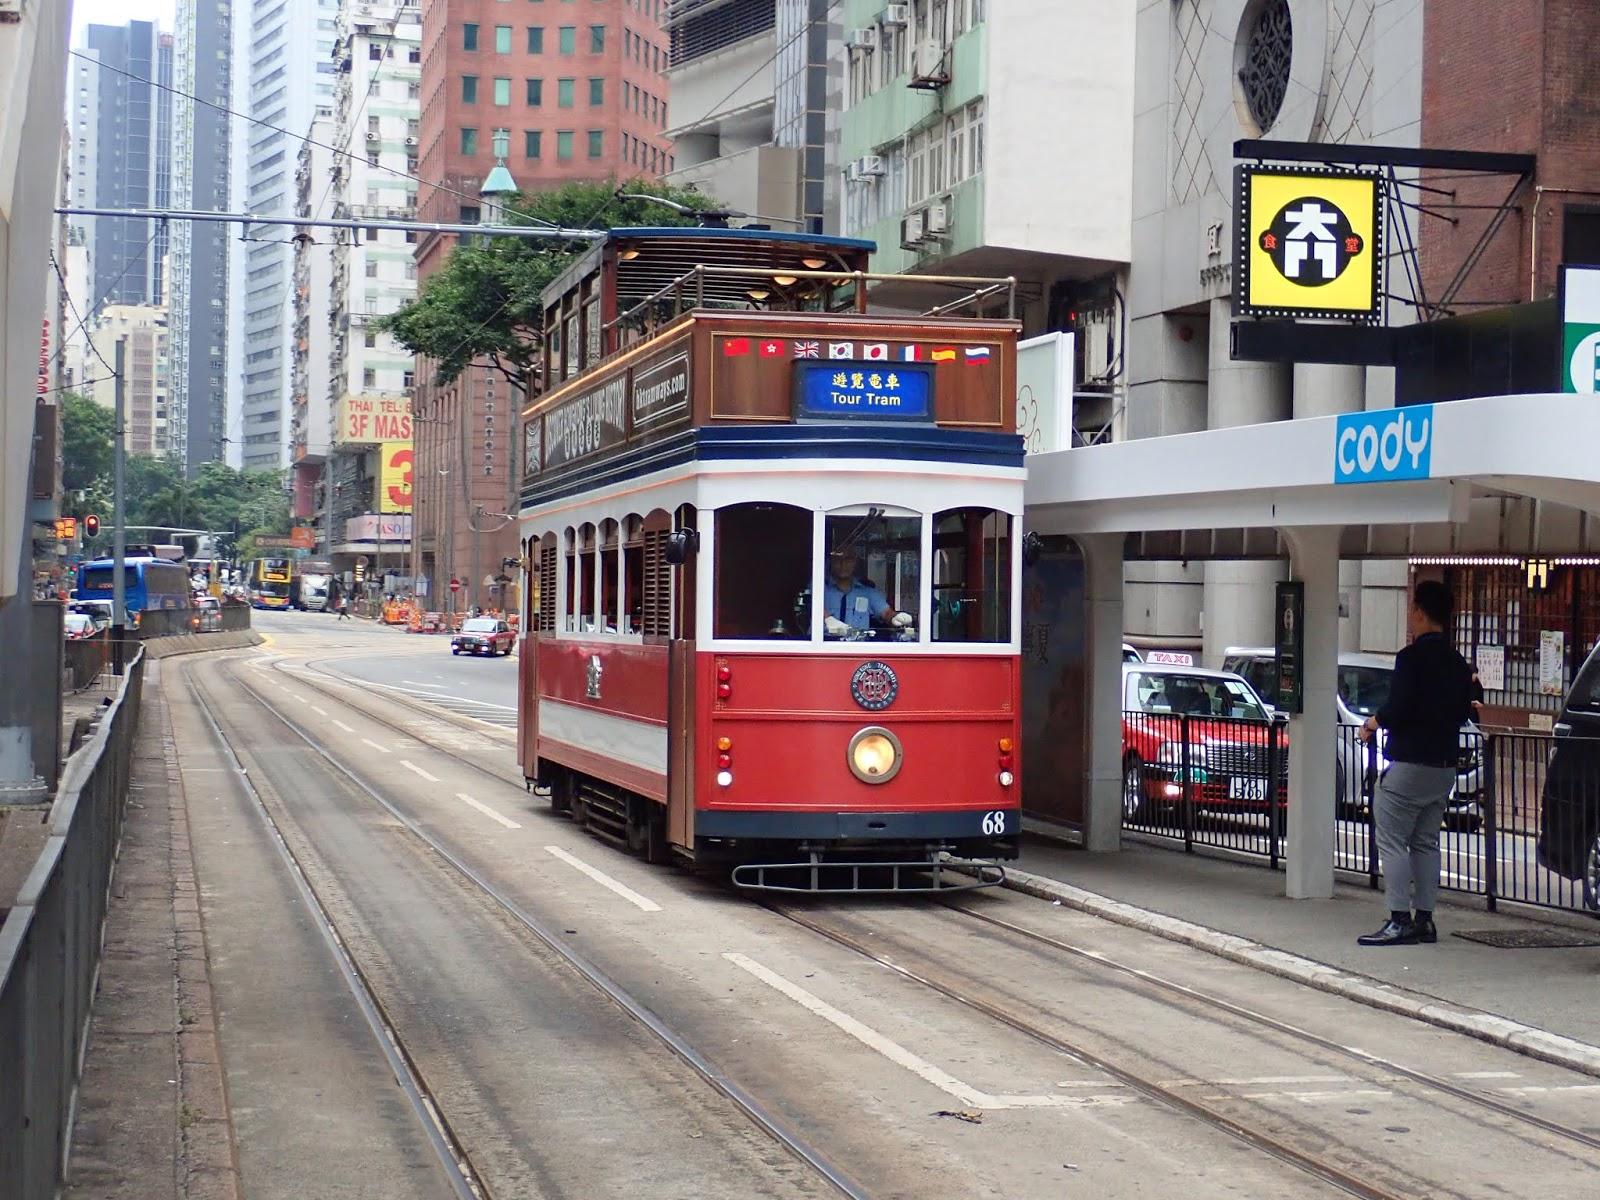 吊り掛け電車をもとめて: 香港のトラムふたたび その2